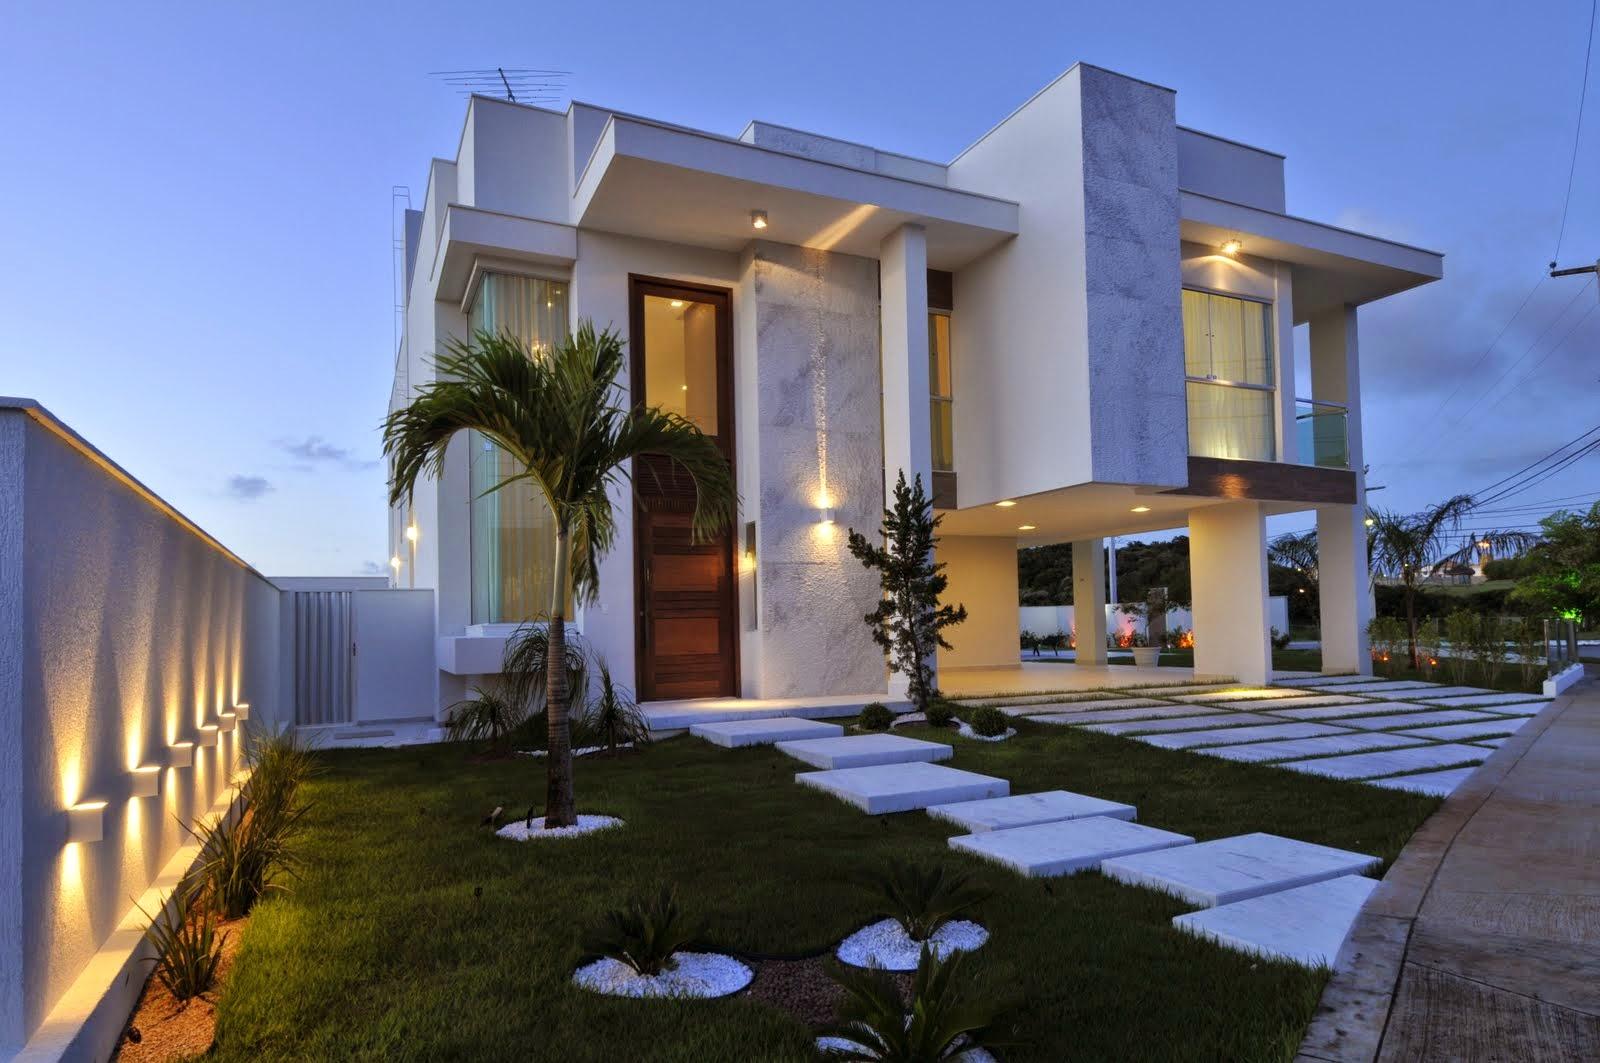 Construindo minha casa clean fachadas de casas quadradas for Disegni di casa italiana moderna